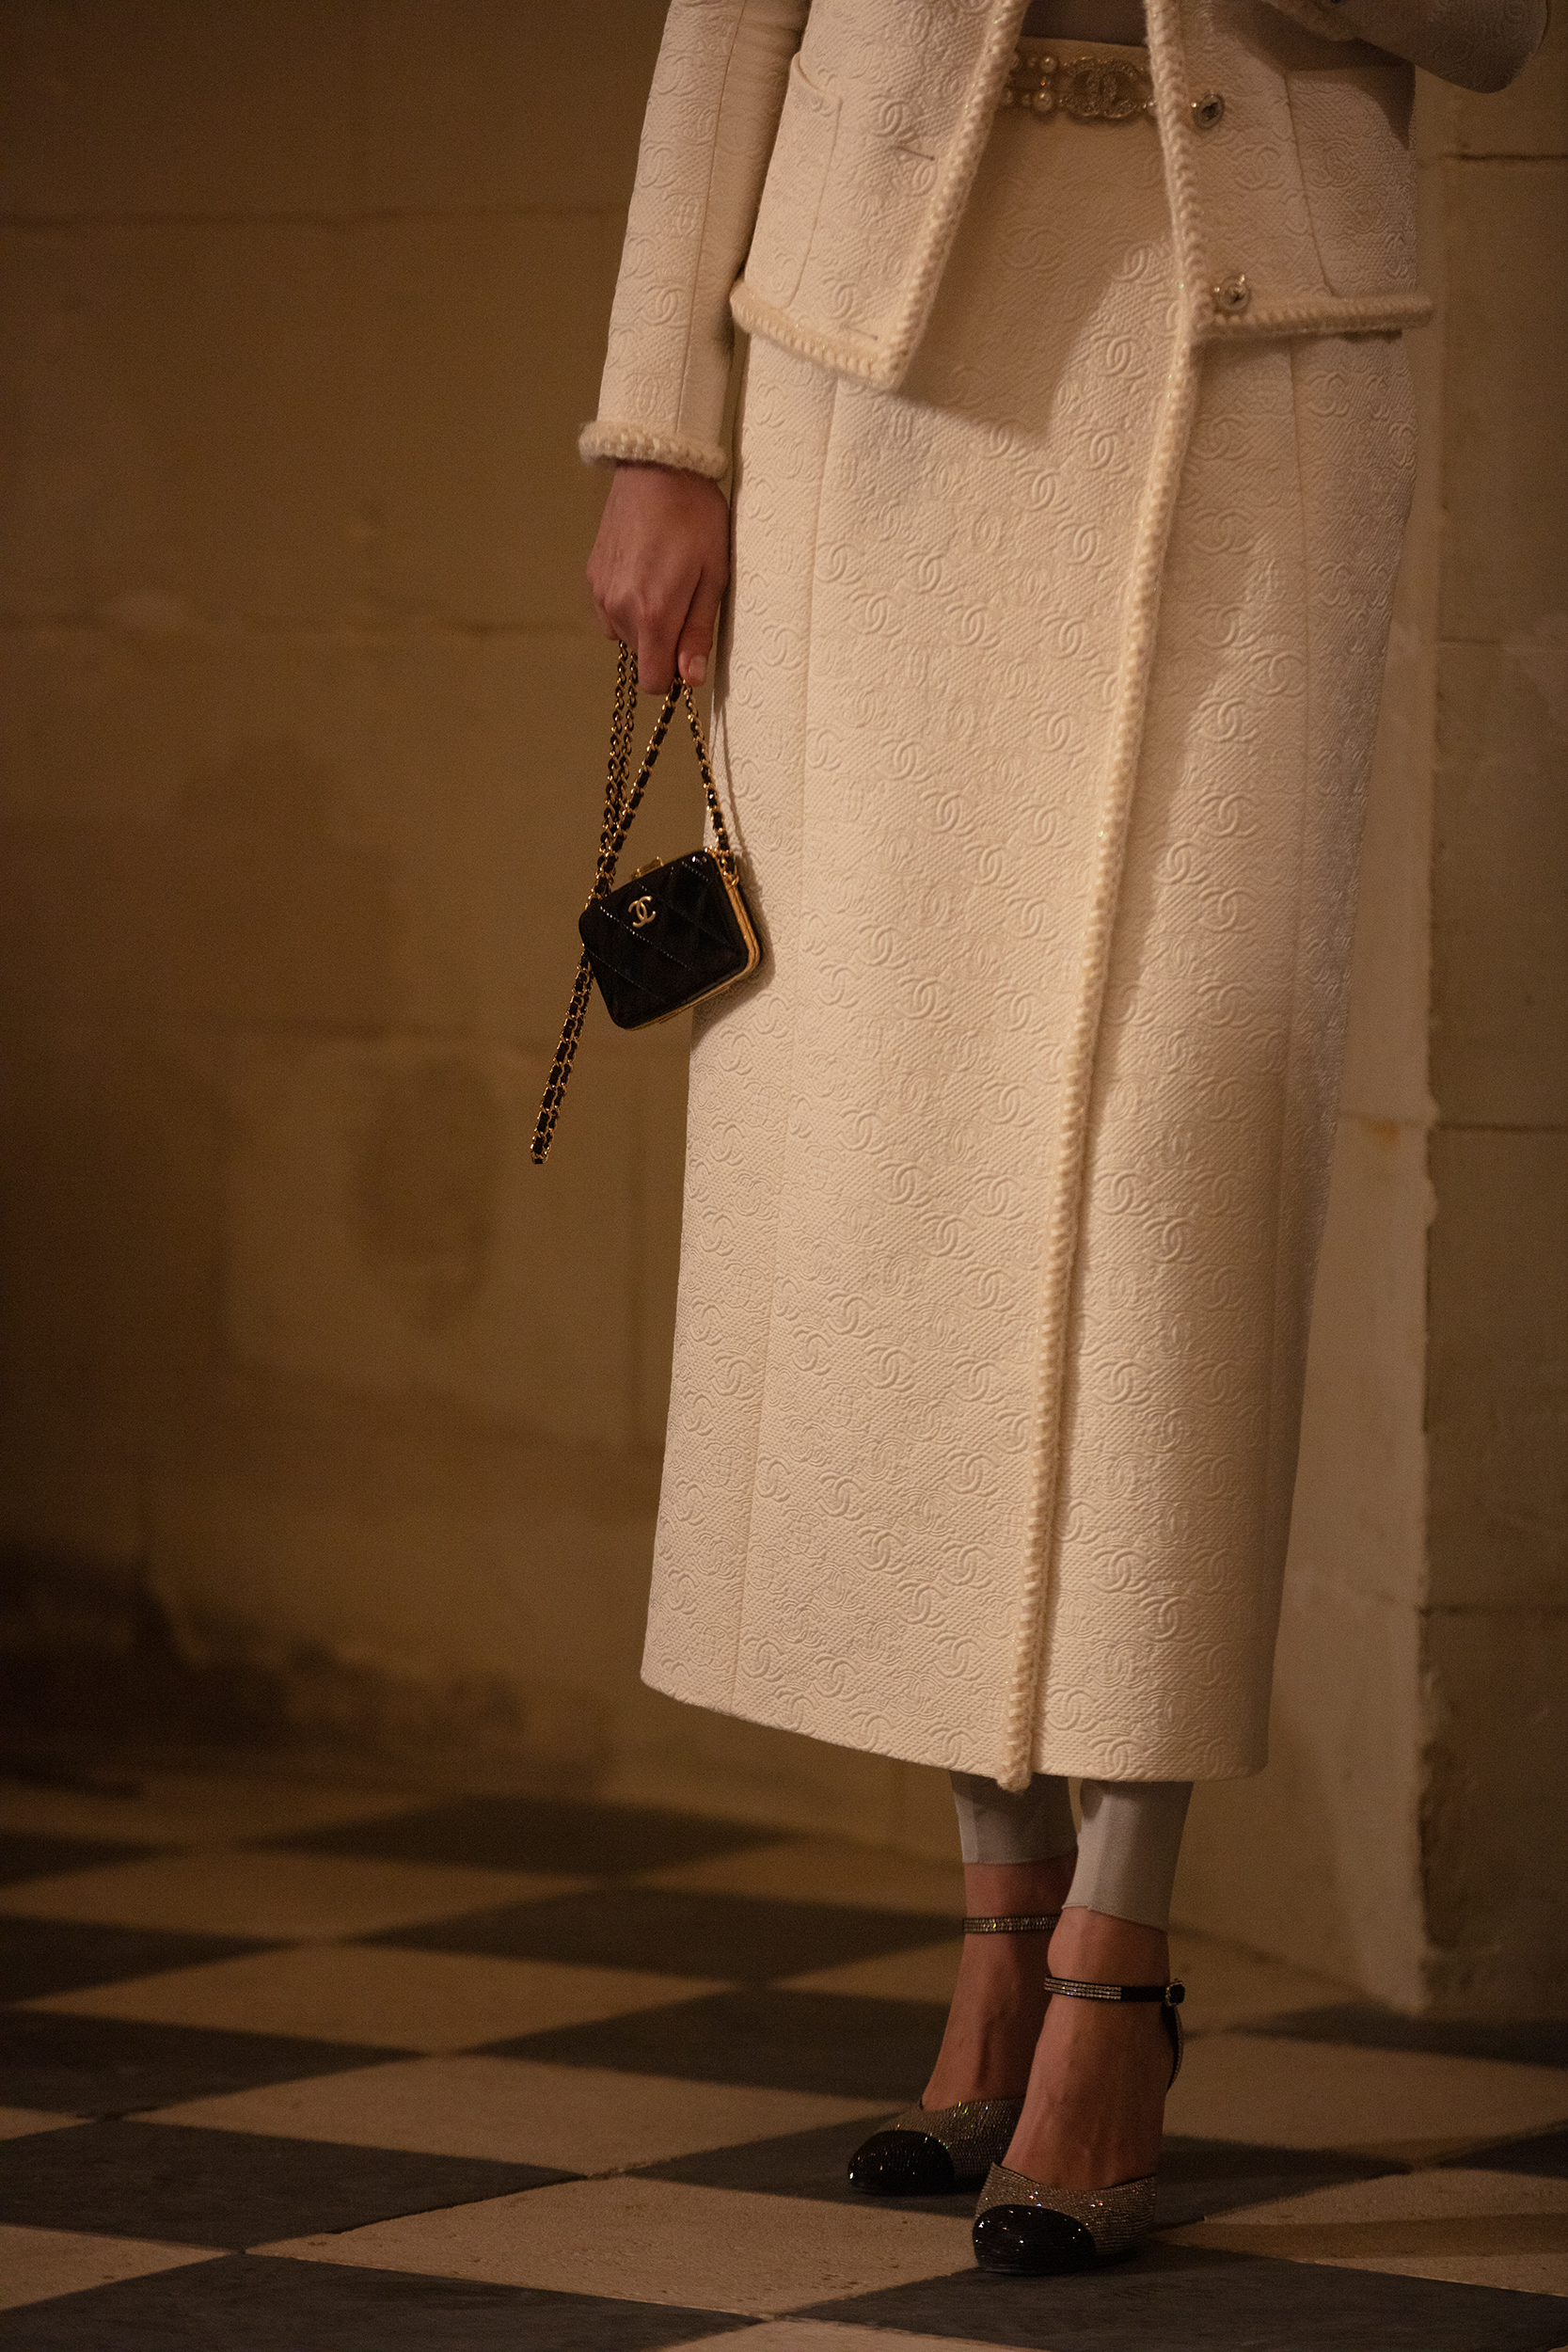 Chanel Métiers D'art 2020/21 Fashion Show Details Fashion Show Photos